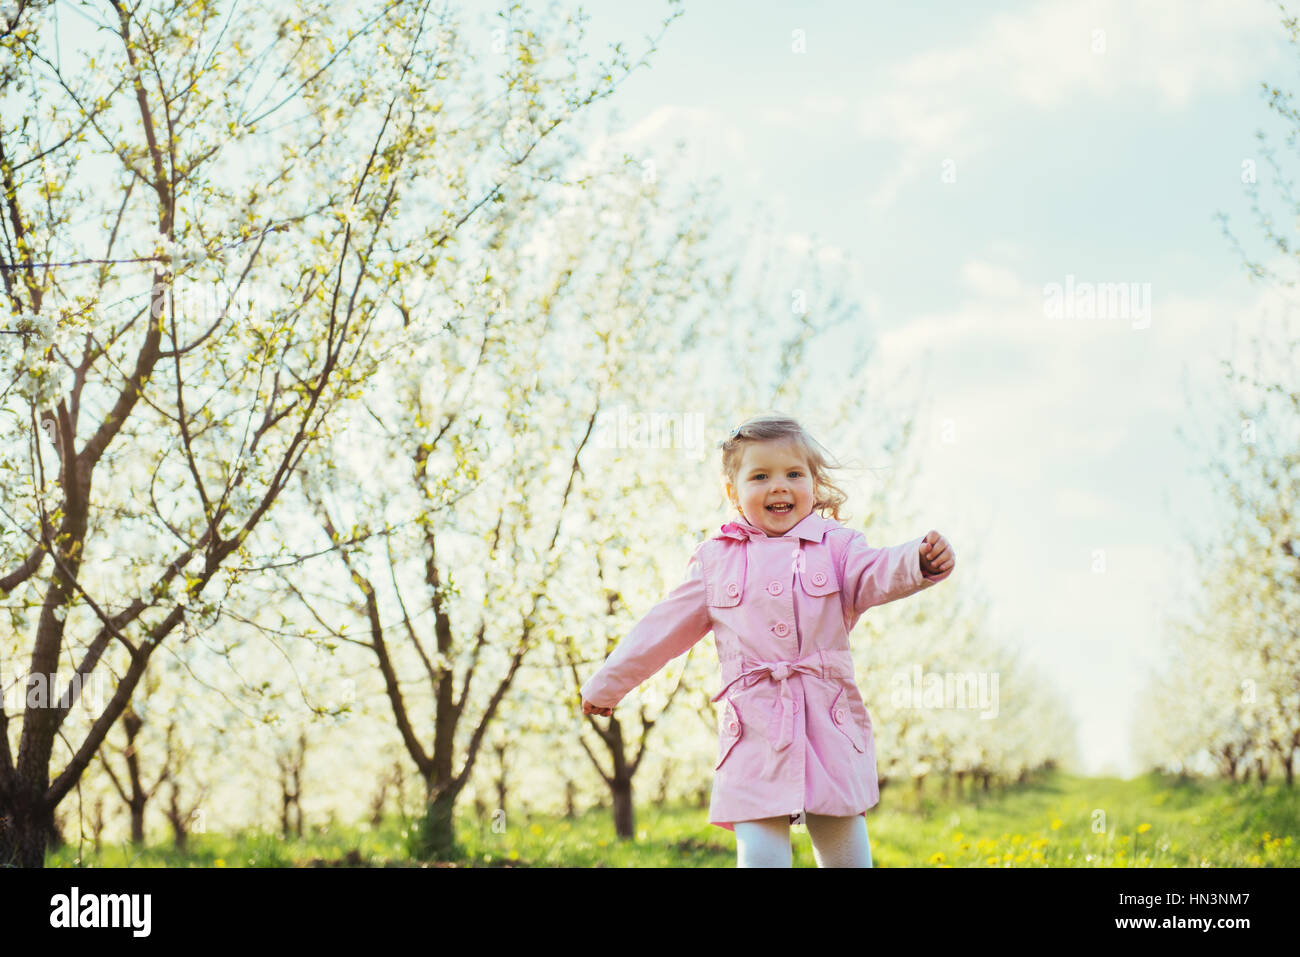 Bambino in esecuzione all'esterno alberi in fiore. Elaborazione Art e ritocco Immagini Stock